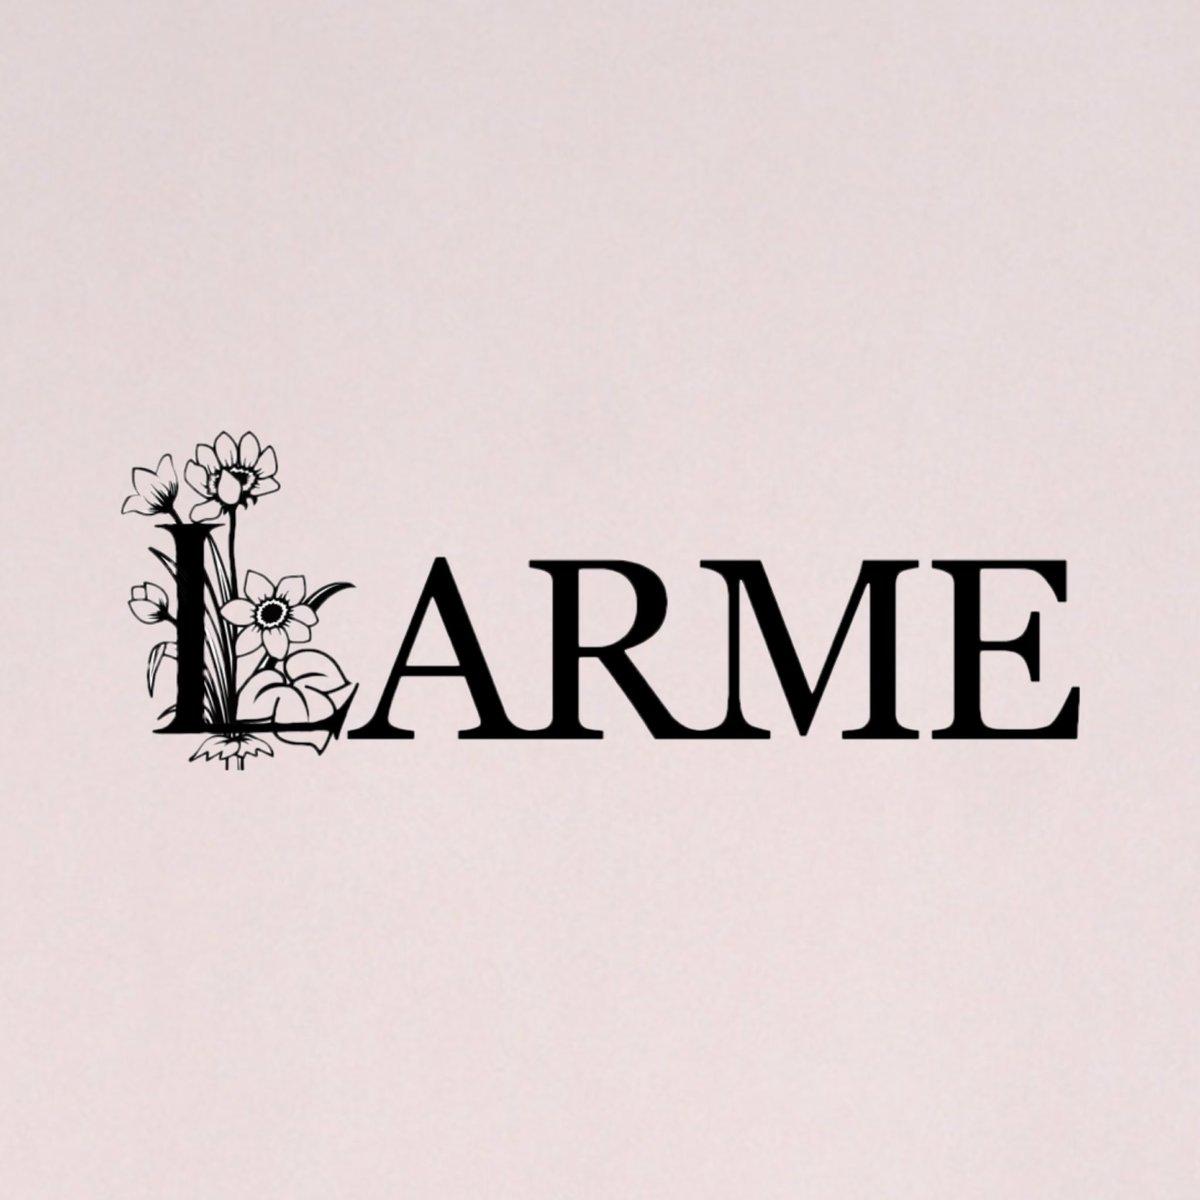 I'm back🐰創刊編集長の中郡です。4年ぶりに戻ってきました。株式会社LARMEを設立し代表取締役兼編集長に就任しました。破壊と創造のNEW LARMEをお届けします。一緒に世界を甘く、かわいく、変えていきましょう🎀♡ #LARME独立